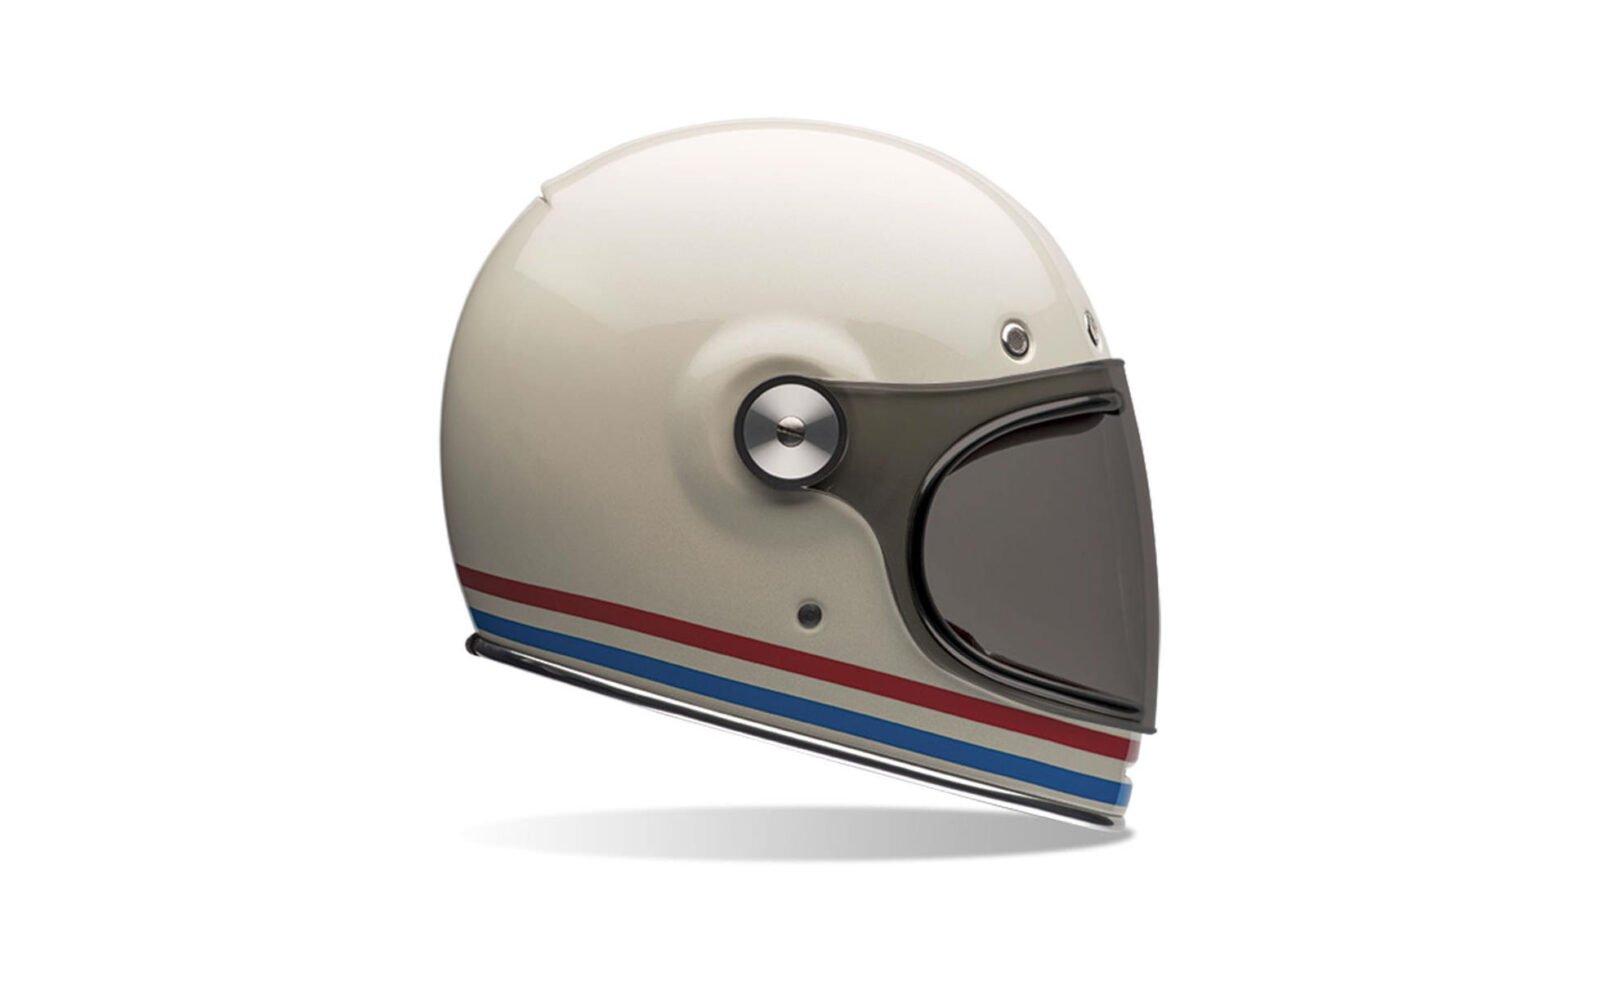 Bell Bullitt Stripes Helmet 1600x981 - Bell Bullitt Stripes Helmet